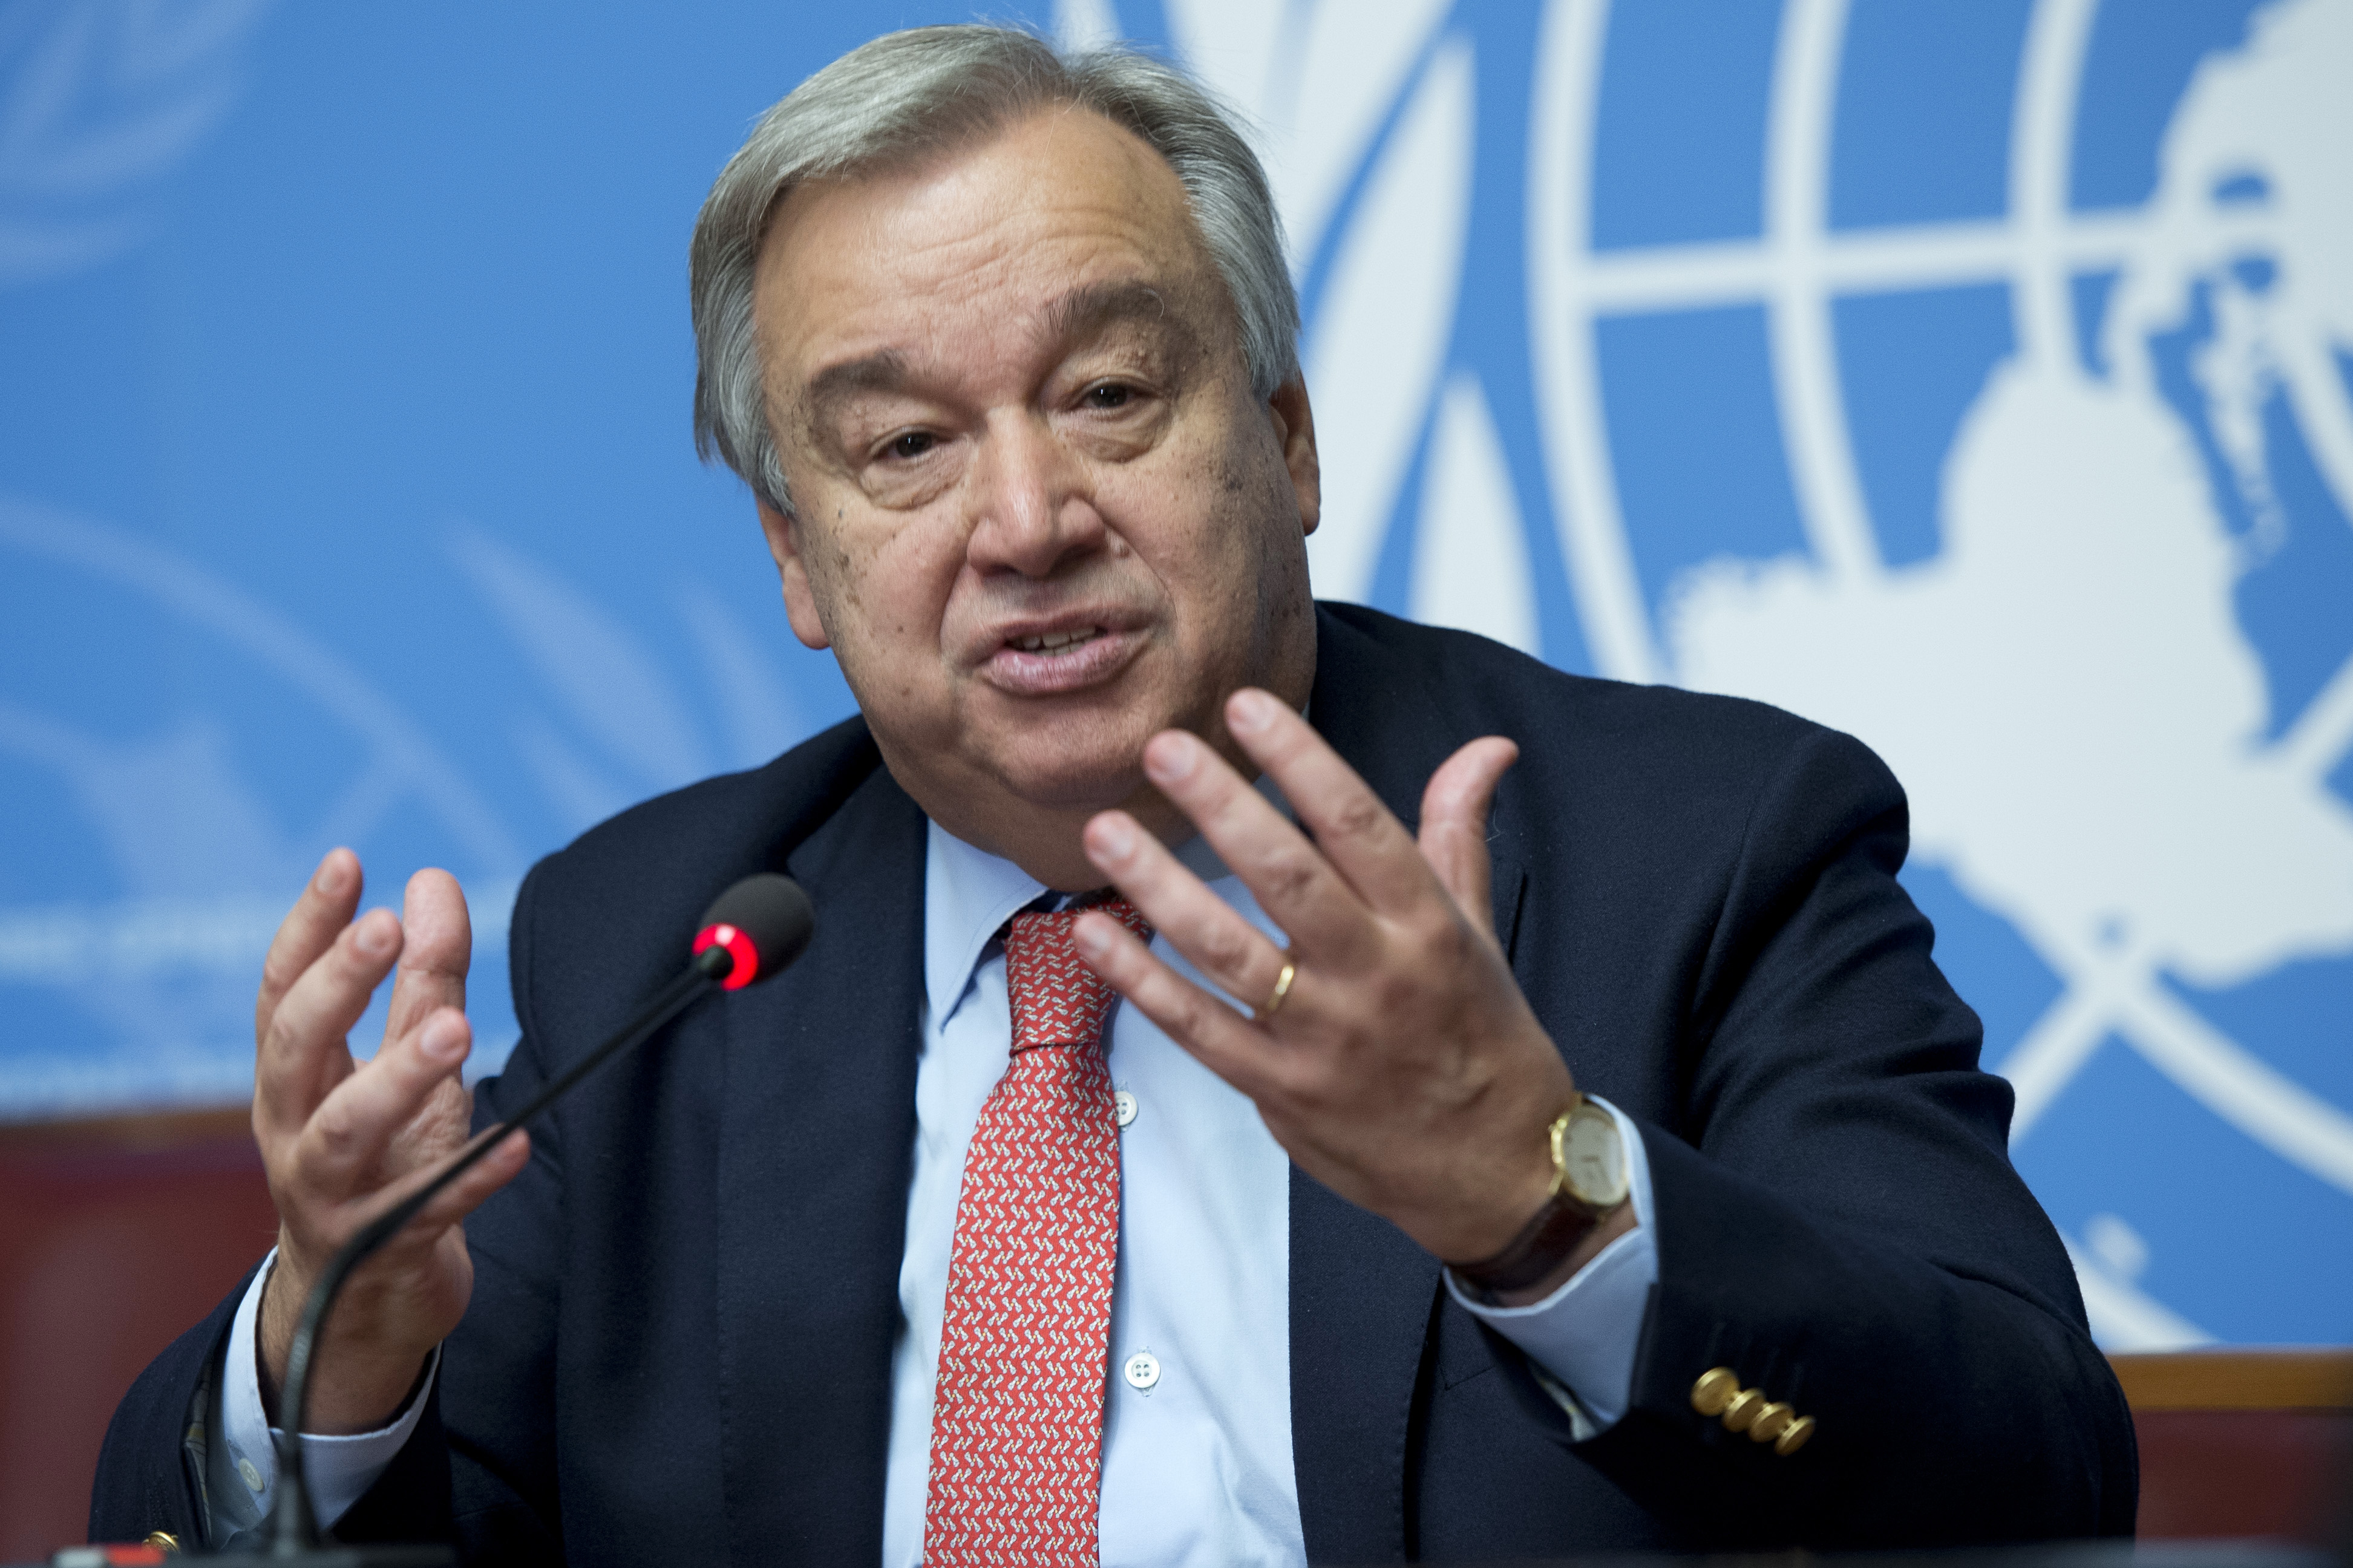 IMAGEM: Itamaraty apoia recondução de Guterres como secretário-geral da ONU